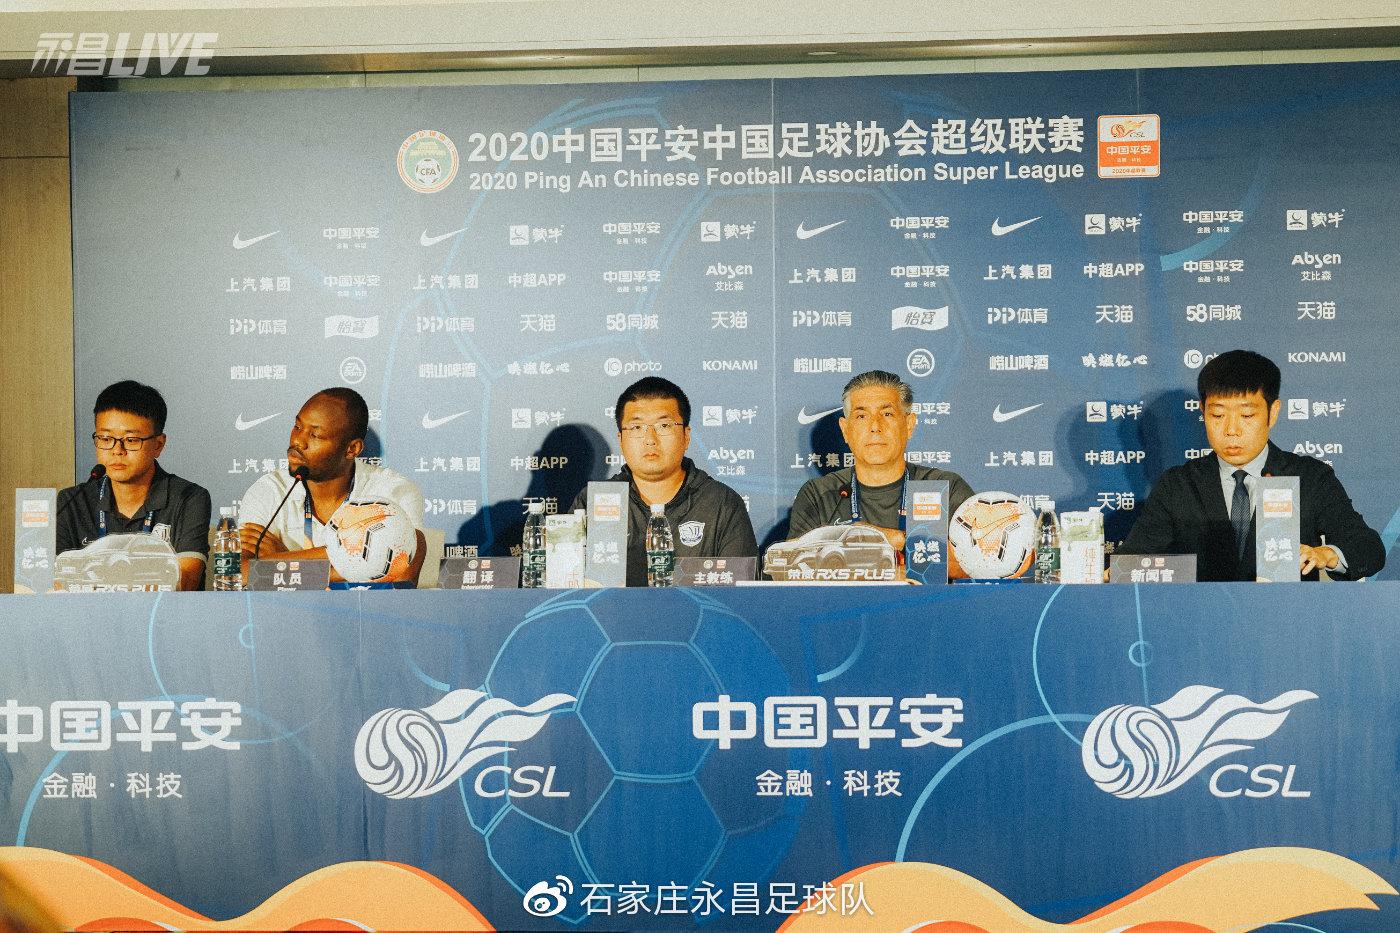 古特比与苏祖参加了中超第三轮永昌与武汉卓尔的赛前新闻发布会